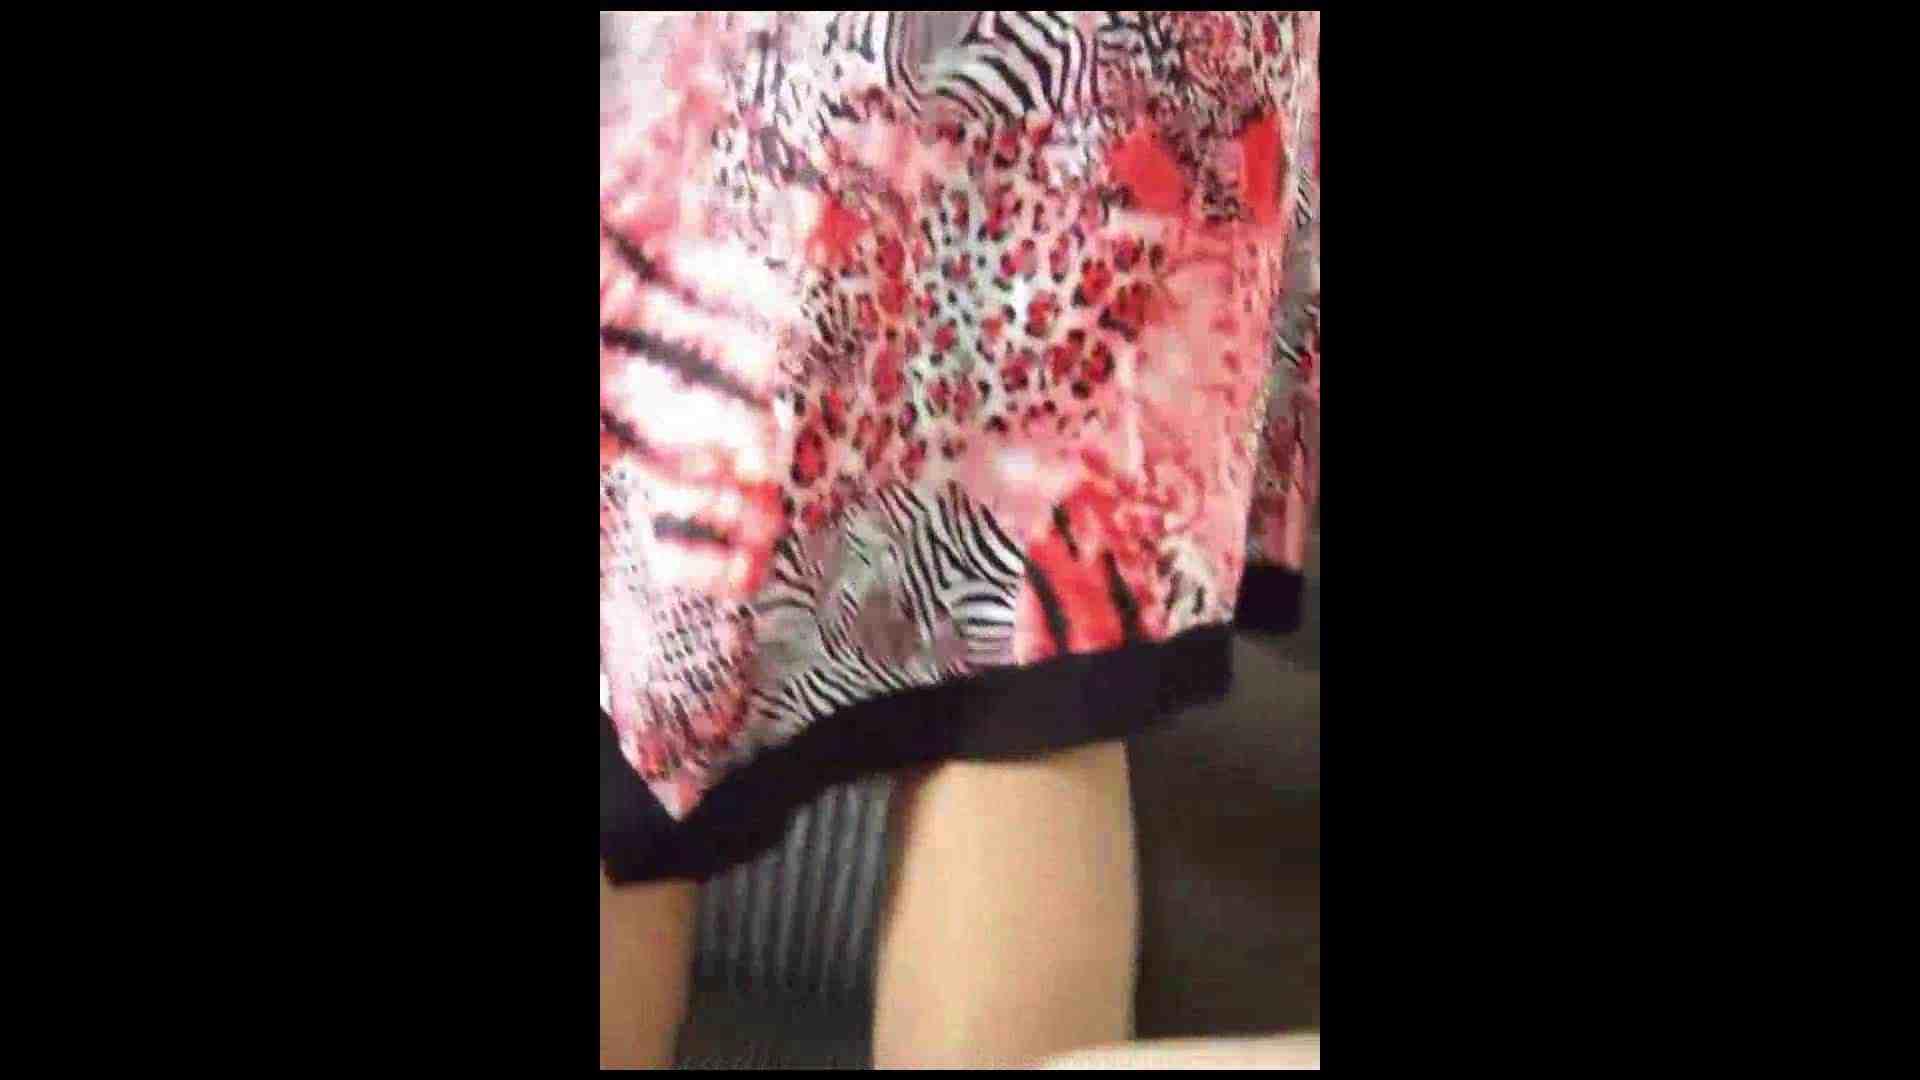 綺麗なモデルさんのスカート捲っちゃおう‼vol03 お姉さんのエロ生活  98連発 18